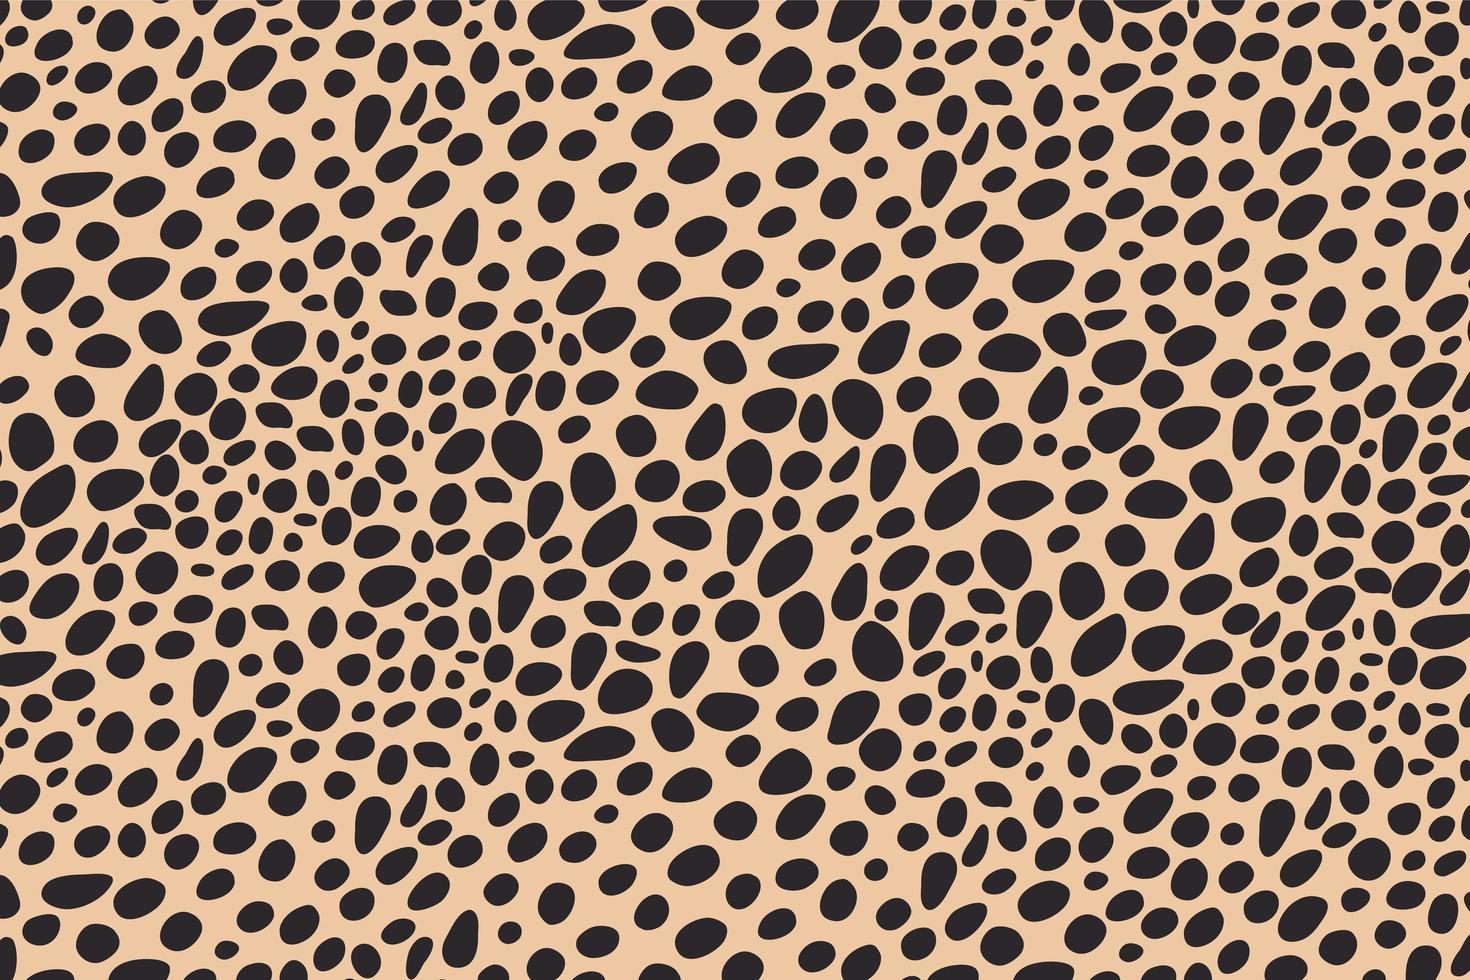 conception d'impression animale points abstraits. conception imprimée léopard. fond de peau de guépard. vecteur